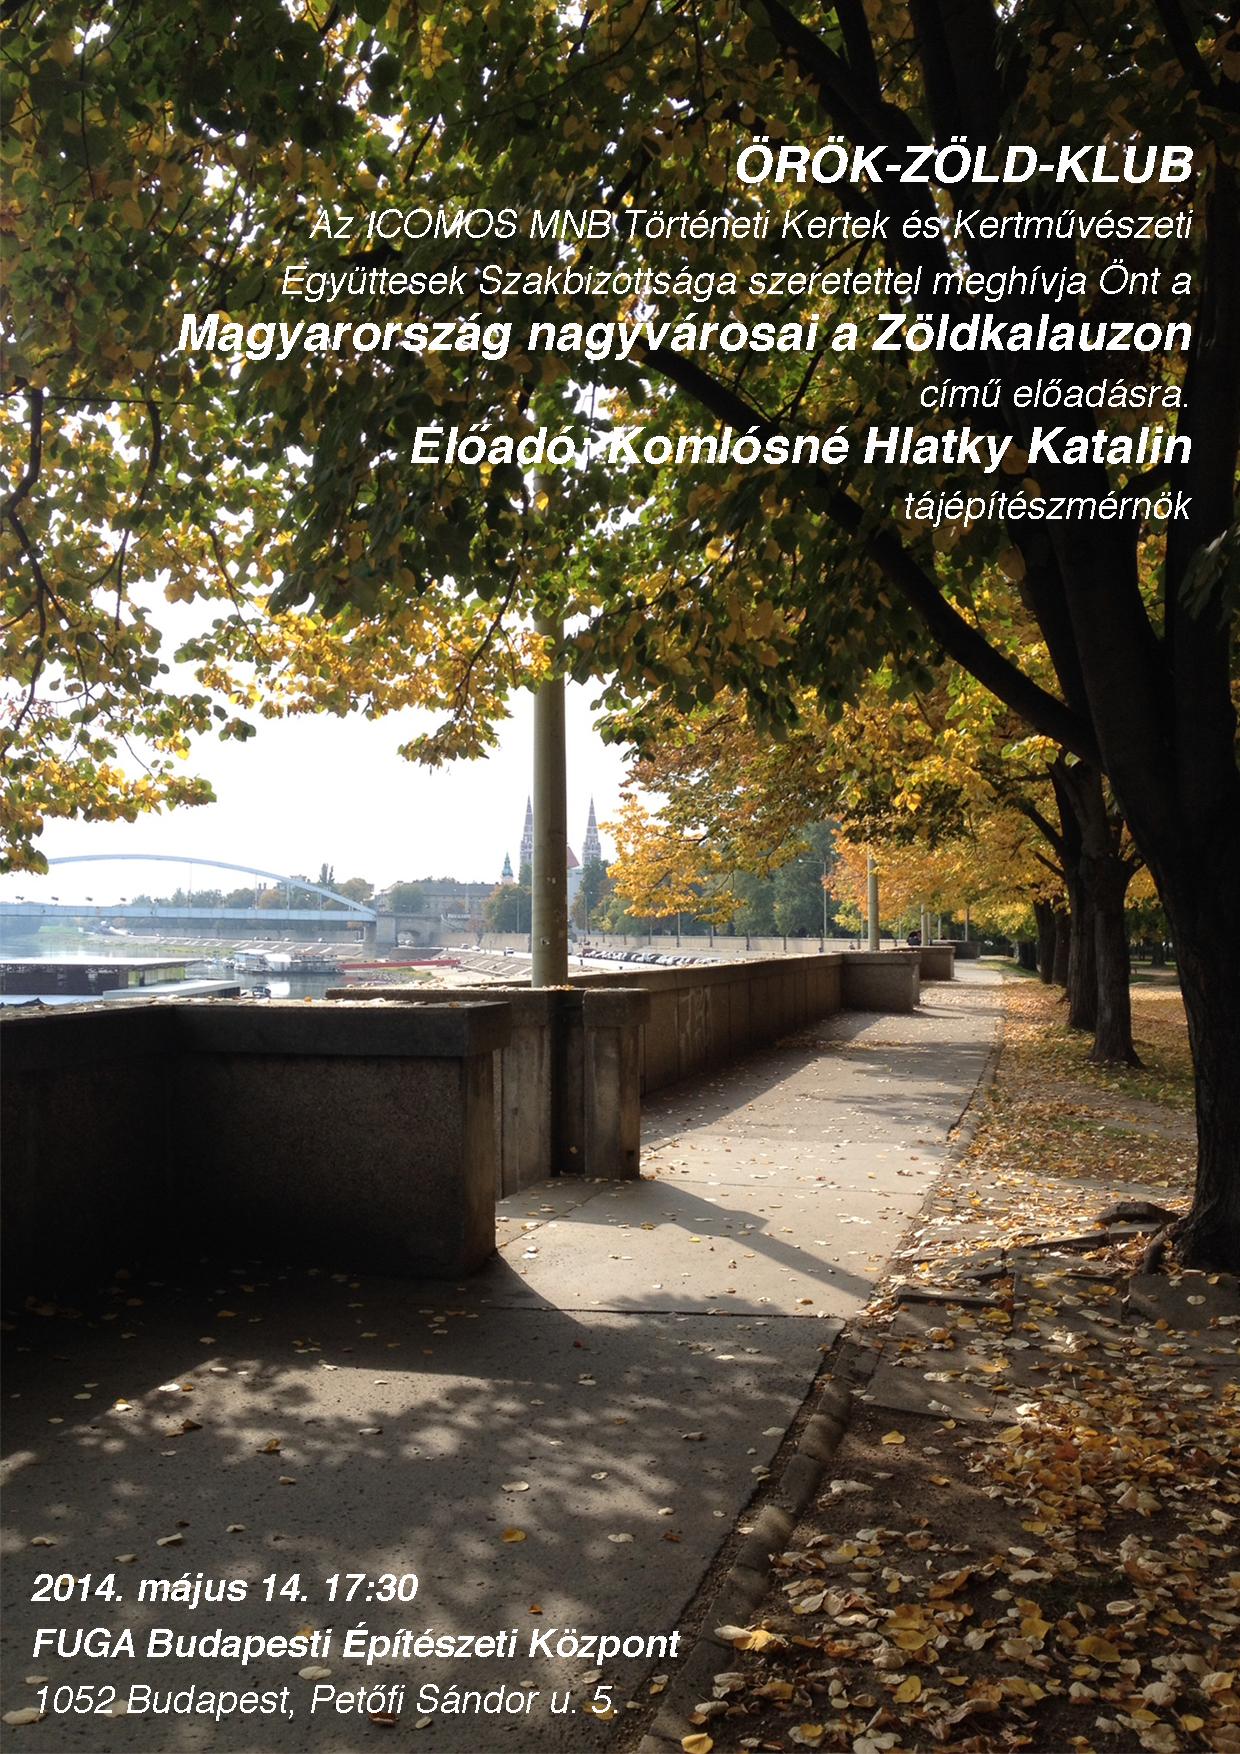 Orokzold klub_meghivo_Hlatky Katalin